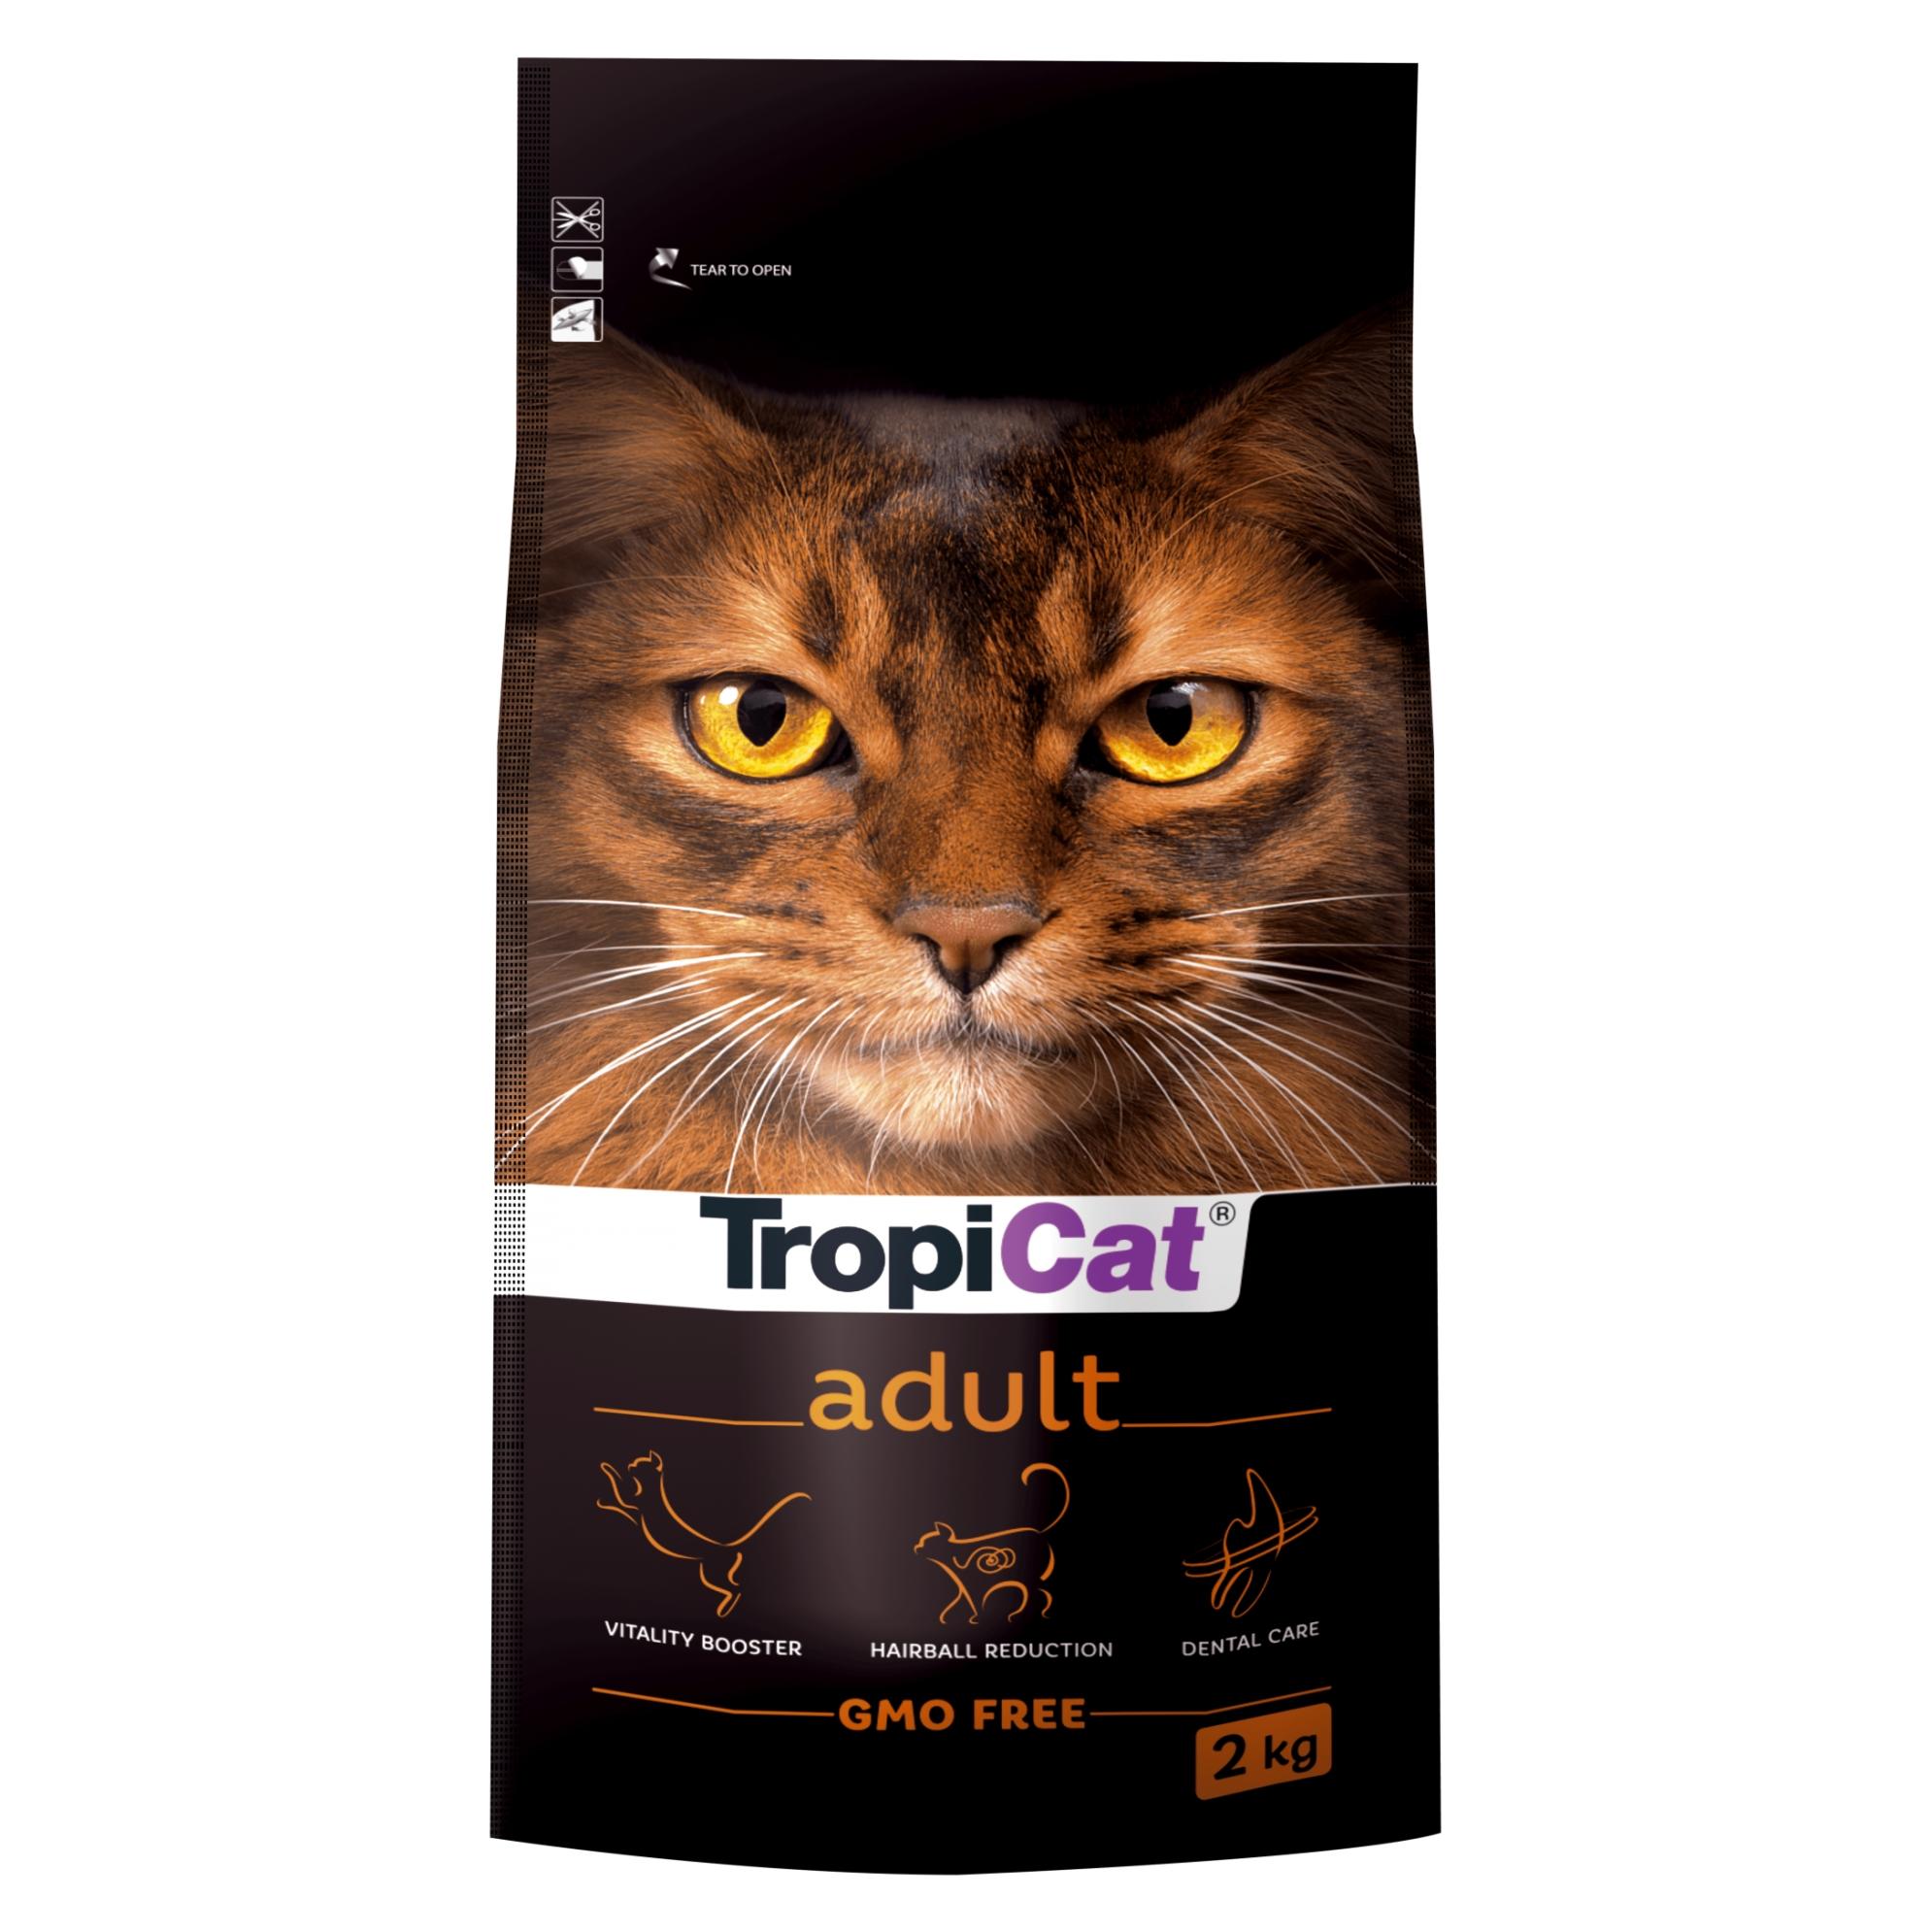 TropiCat Premium Adult - 2 Kg